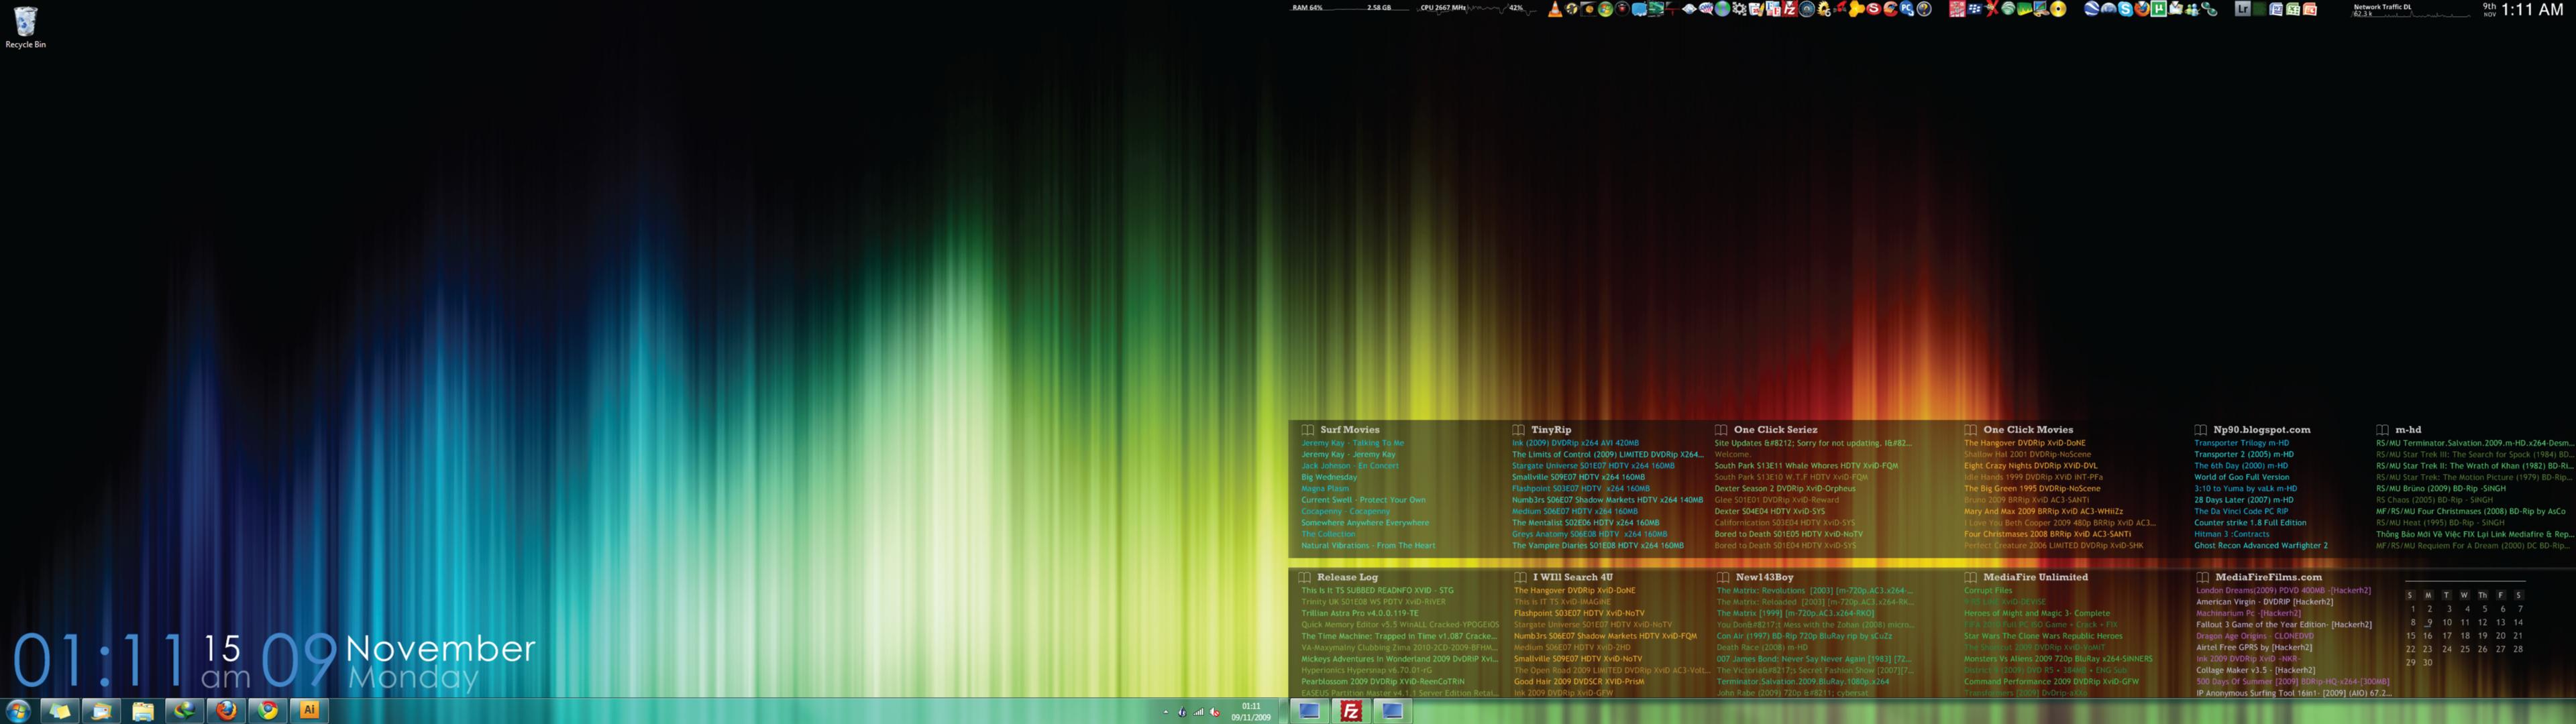 http://fc09.deviantart.net/fs50/f/2009/312/2/e/Dual_Screen_Desktop_Windows_7_by_bengatley.png